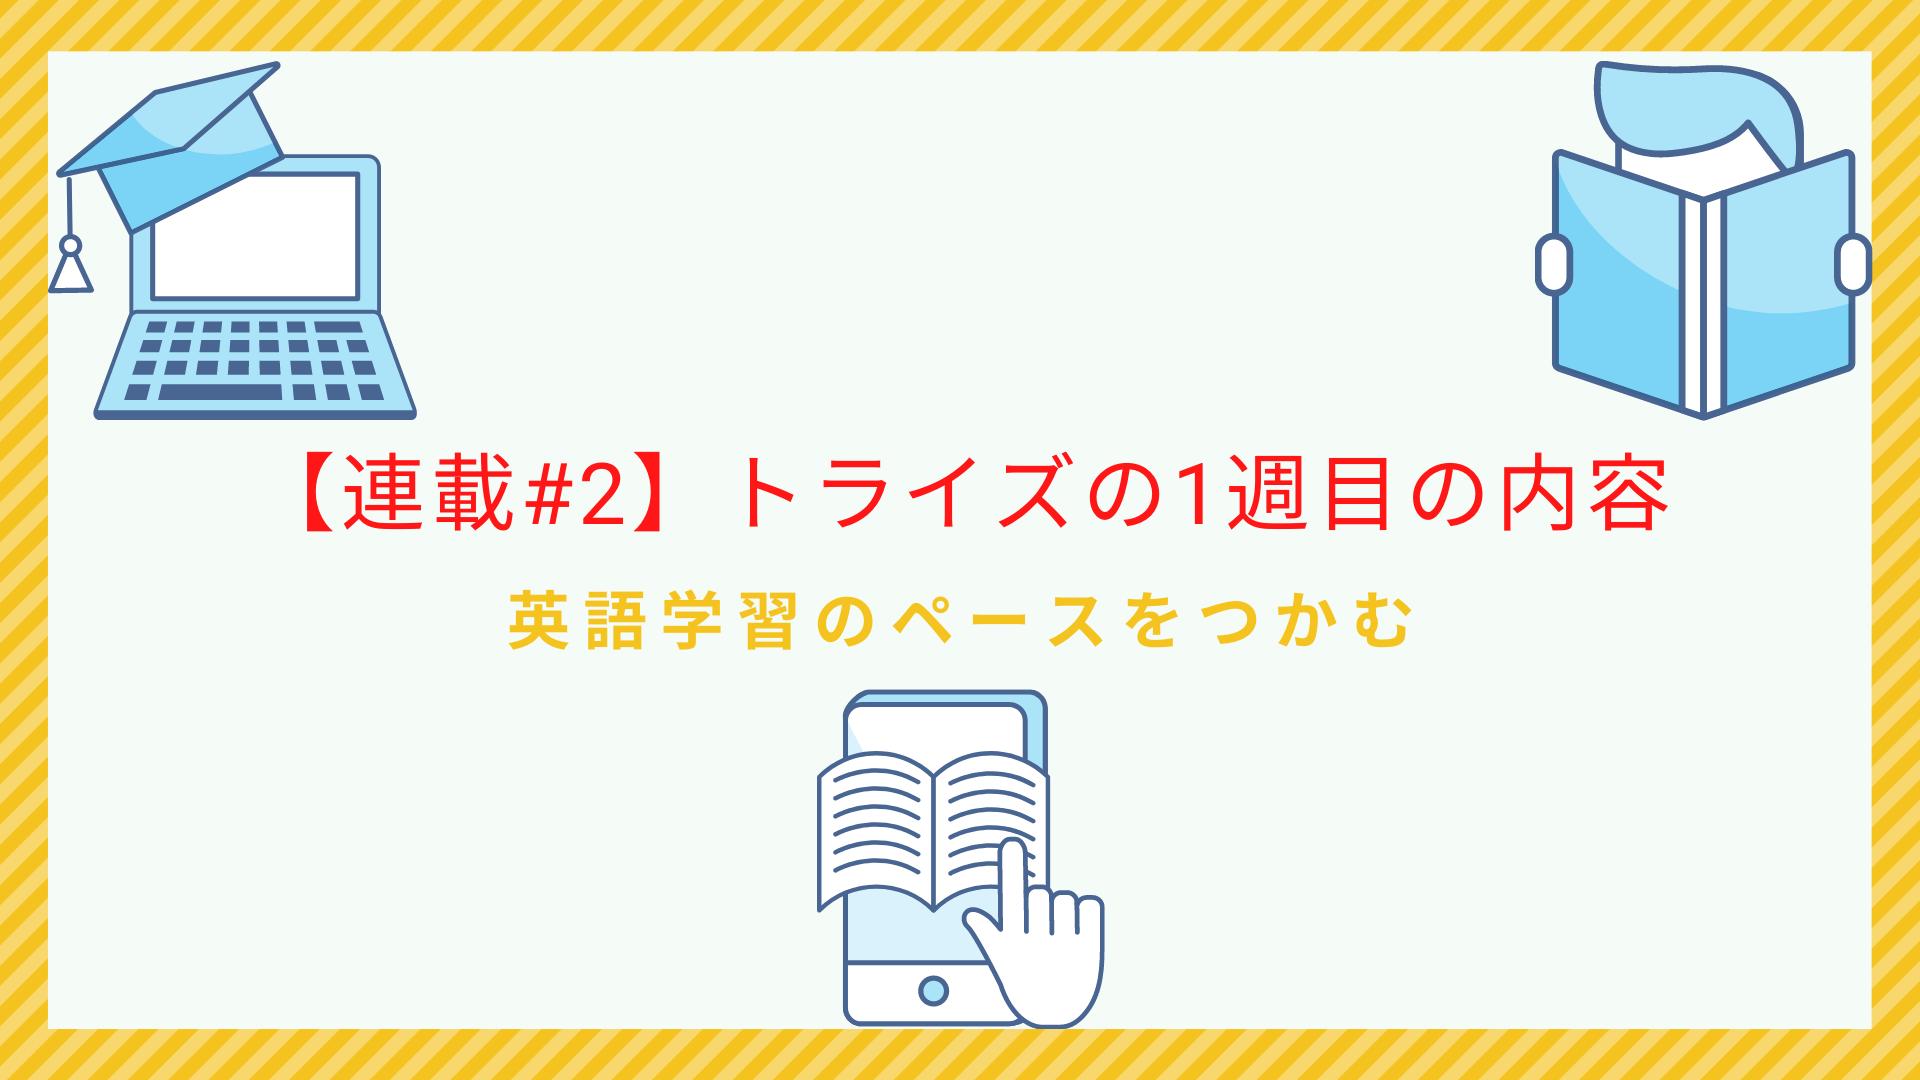 【連載】トライズをオンラインで受講開始|学習1週目のレポート